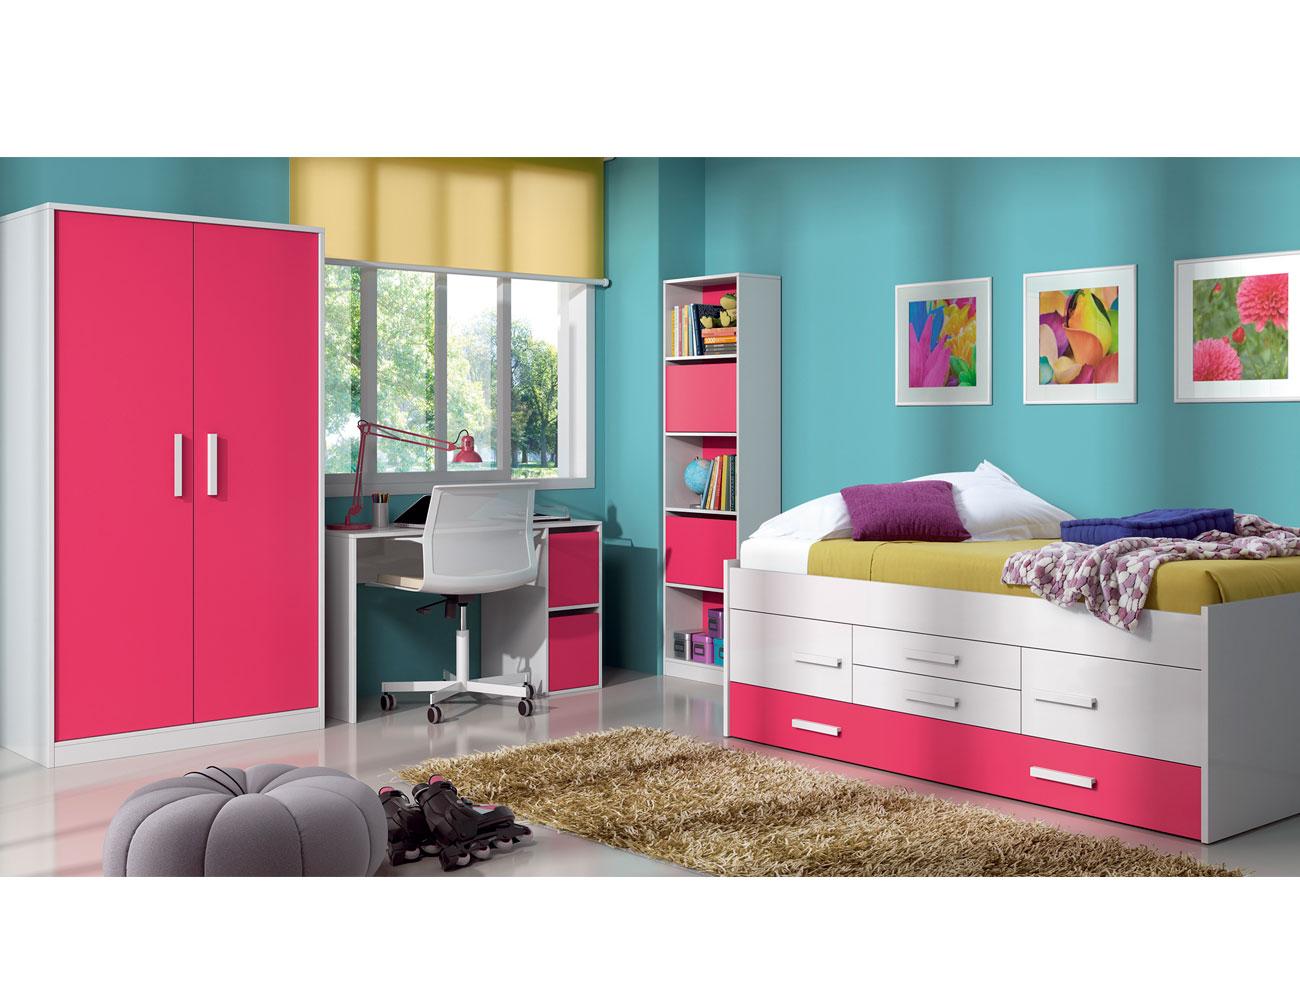 Dormitorio juvenil cama nido armario rojo1